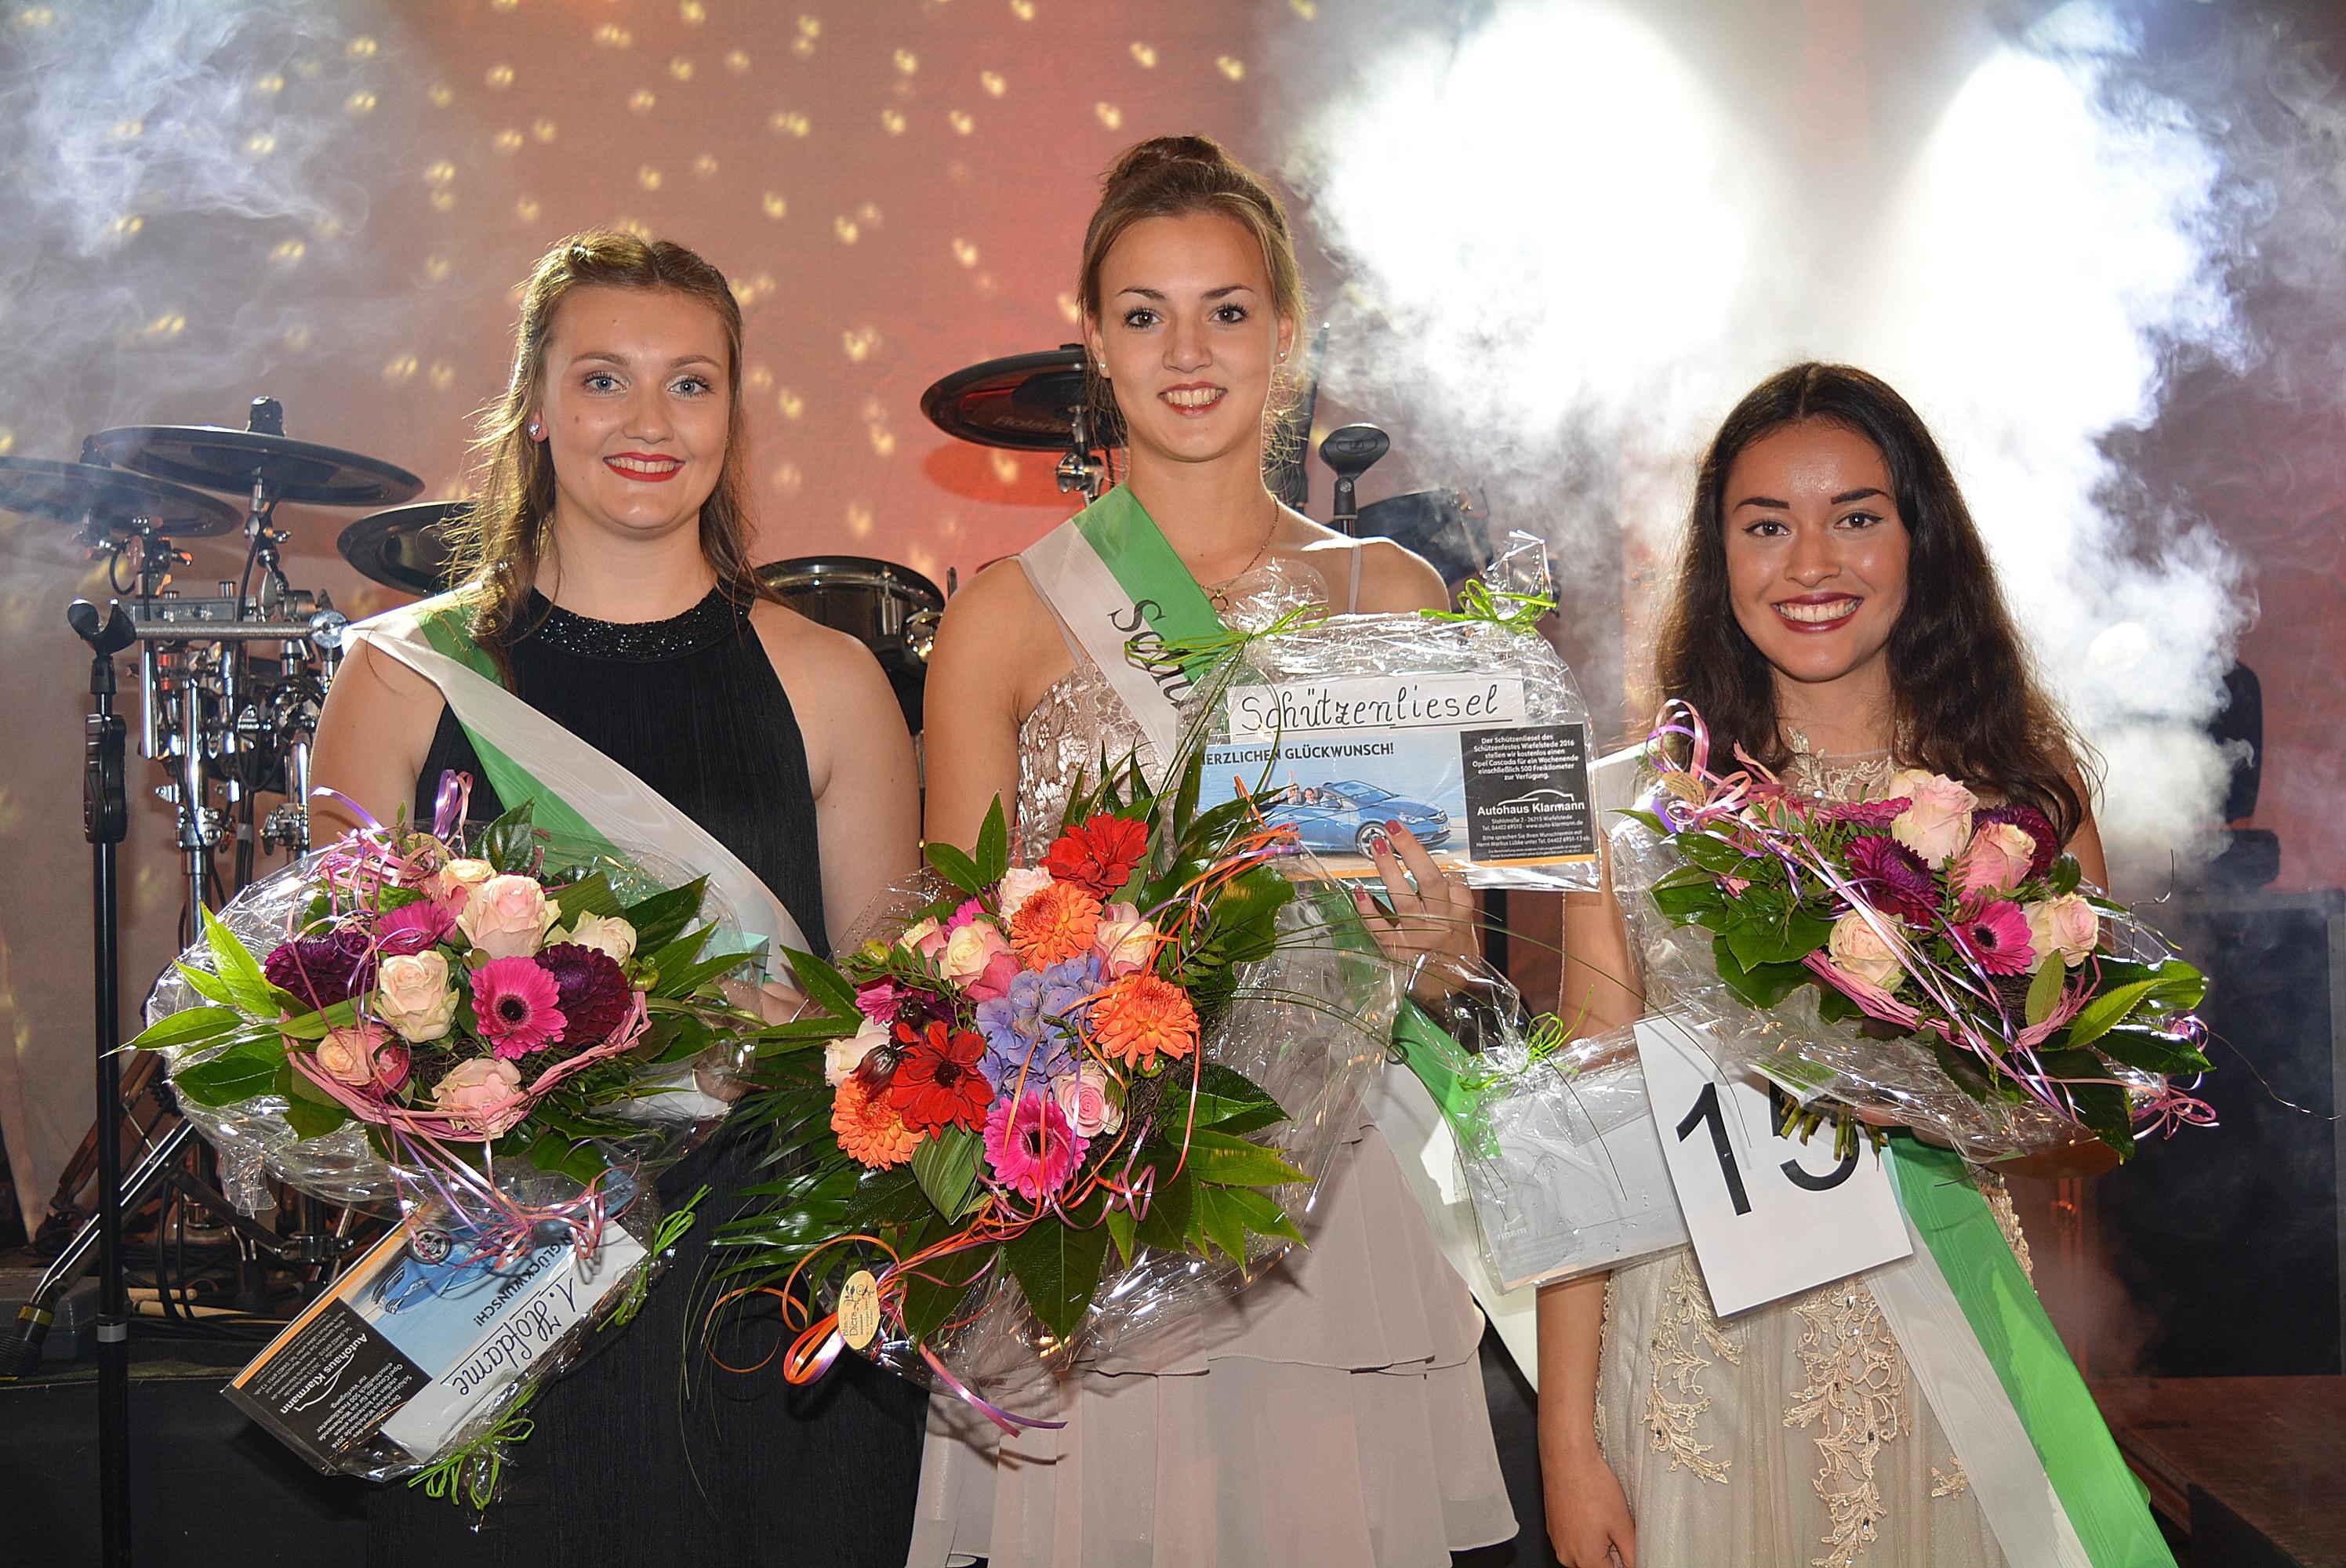 Schützenliesel 2016: Tamara Gerdes (mitte) mit ihren Hofdamen: Anna Scheide (links und Celine Behrens (rechts).